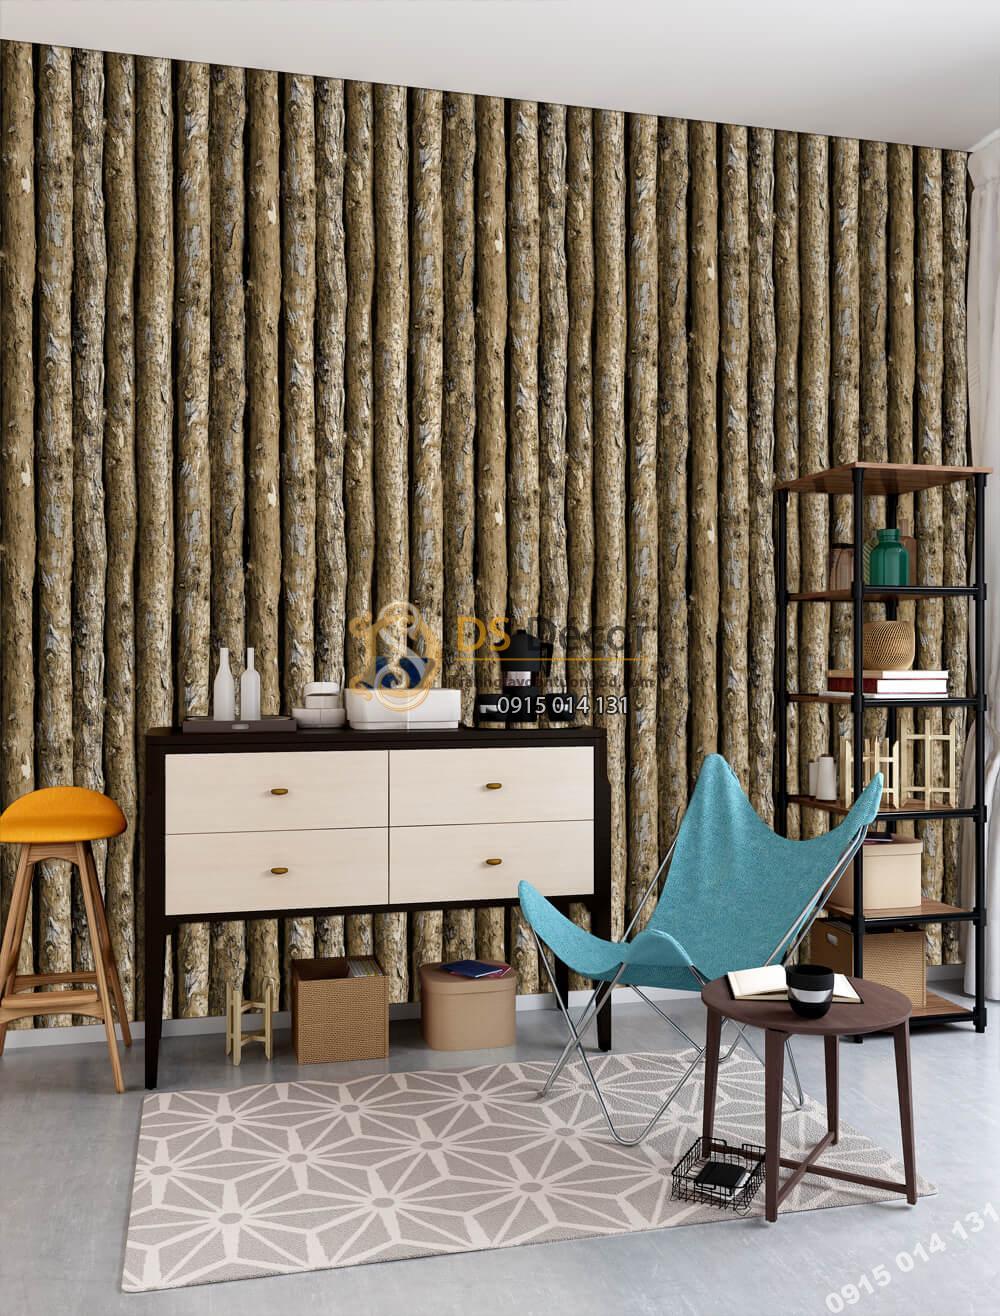 Giấy dán tường Hàn QUốc NATURE thân gỗ dọc 73014-3